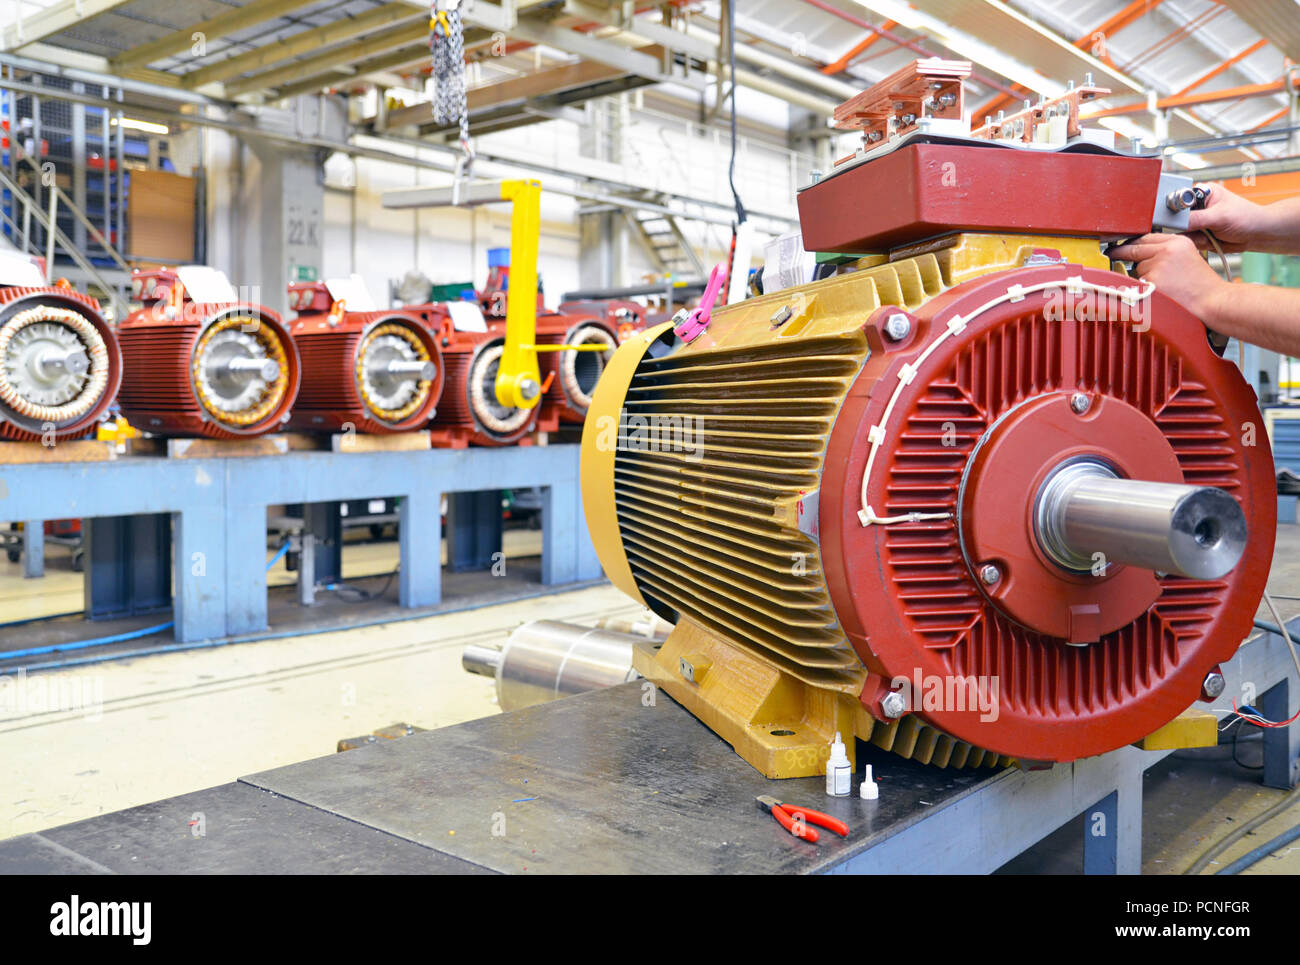 Architektur und Ausstattung einer Fabrik für Maschinenbau: Montage von Elektromotoren Stockbild